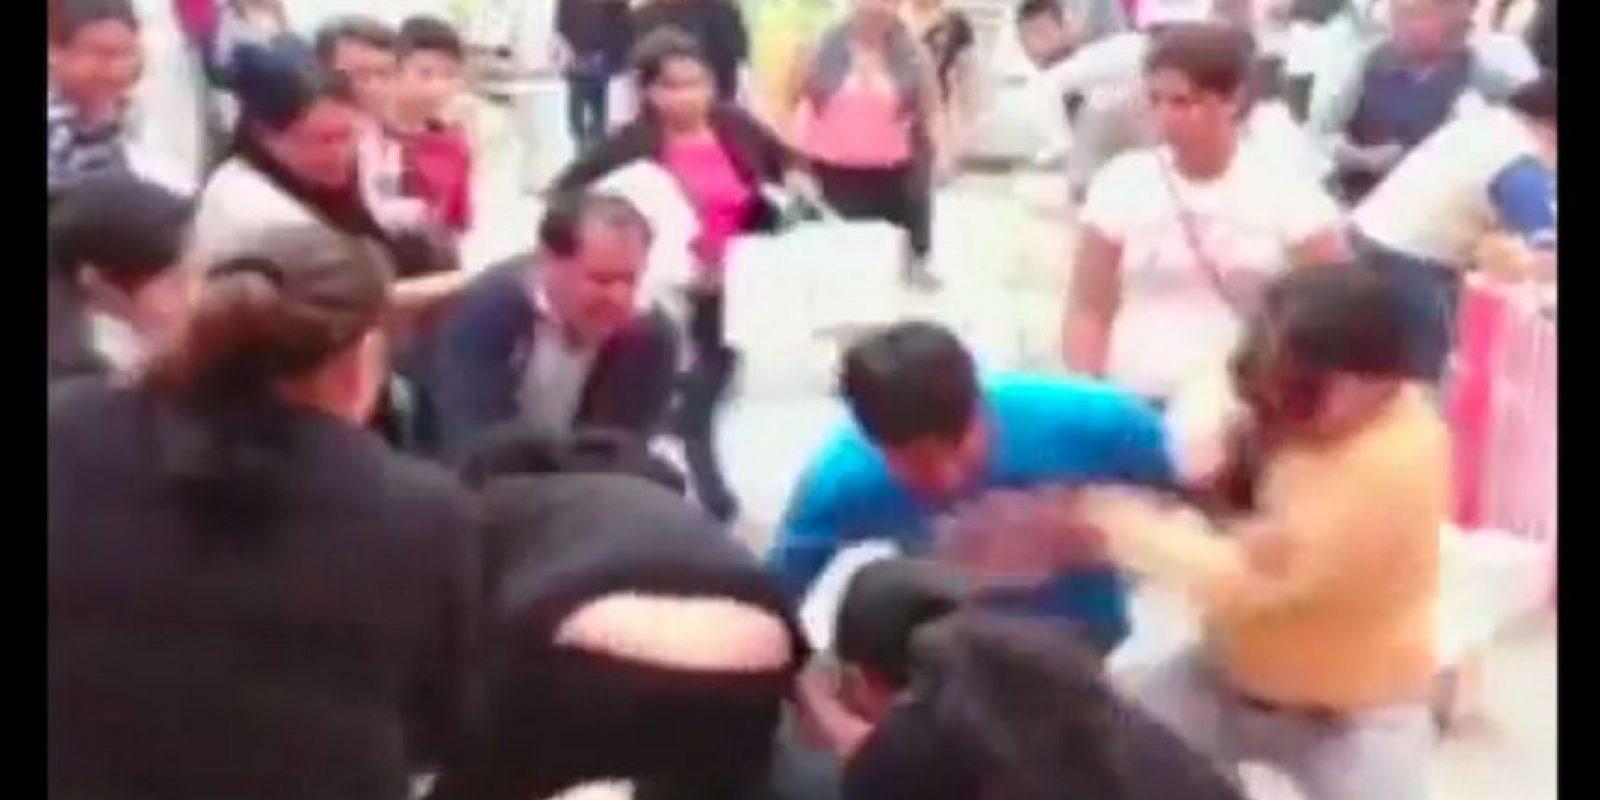 El incidente ocurrió en una galería de venta de calzado en Lima. Foto:Reproducción Youtube/24 Horas